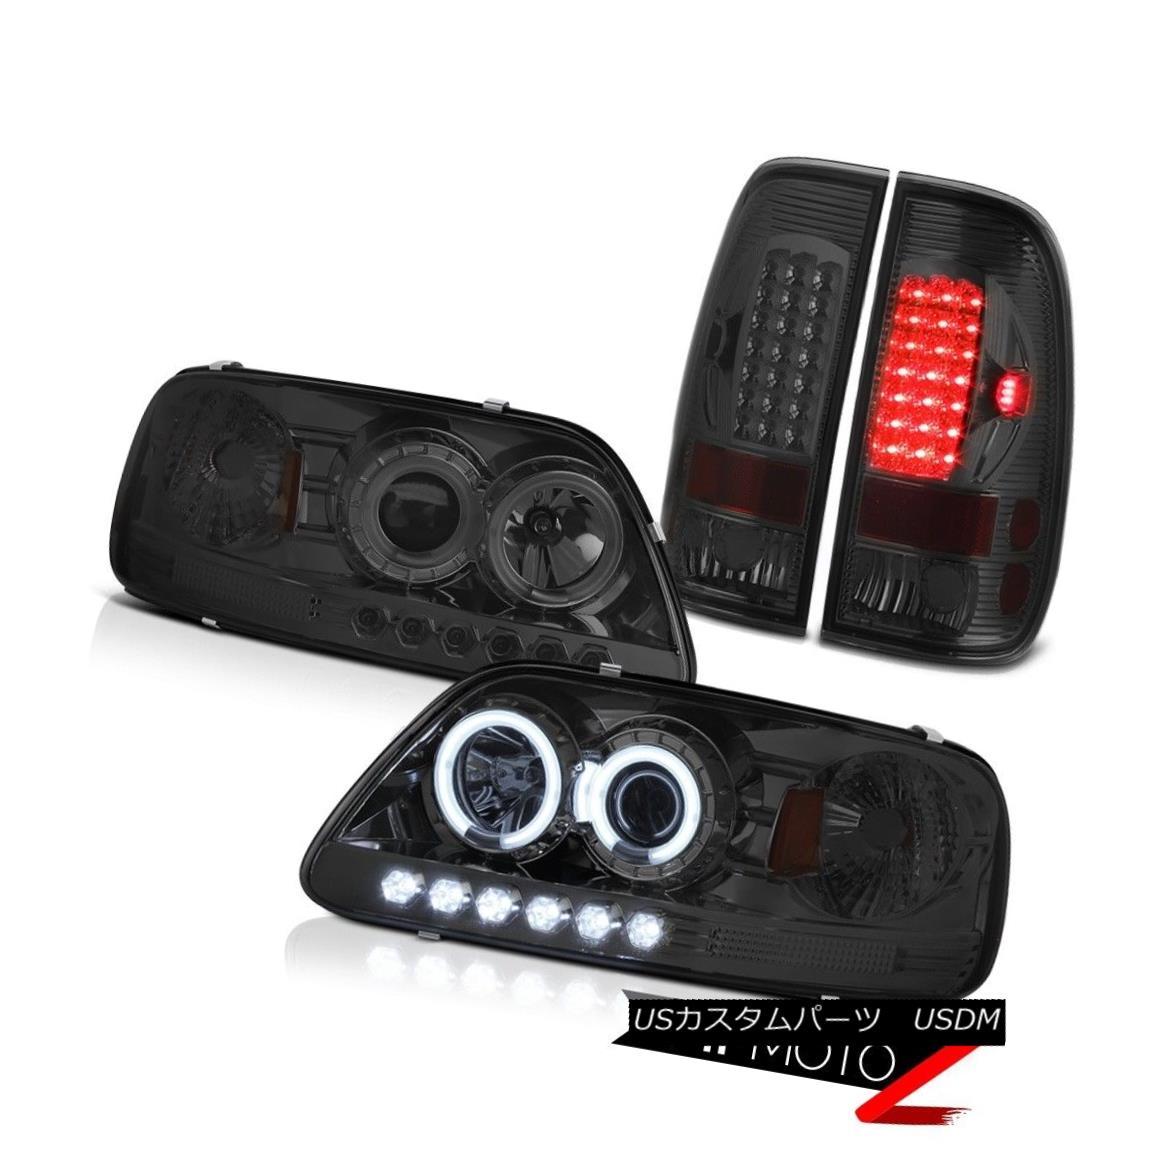 テールライト F150 XLT 1997 1998 Smoked CCFL LED Angel Eye Headlight Signal Brake Tail Lights F150 XLT 1997 1998スモークCCFL LEDエンジェルアイヘッドライト信号ブレーキテールライト